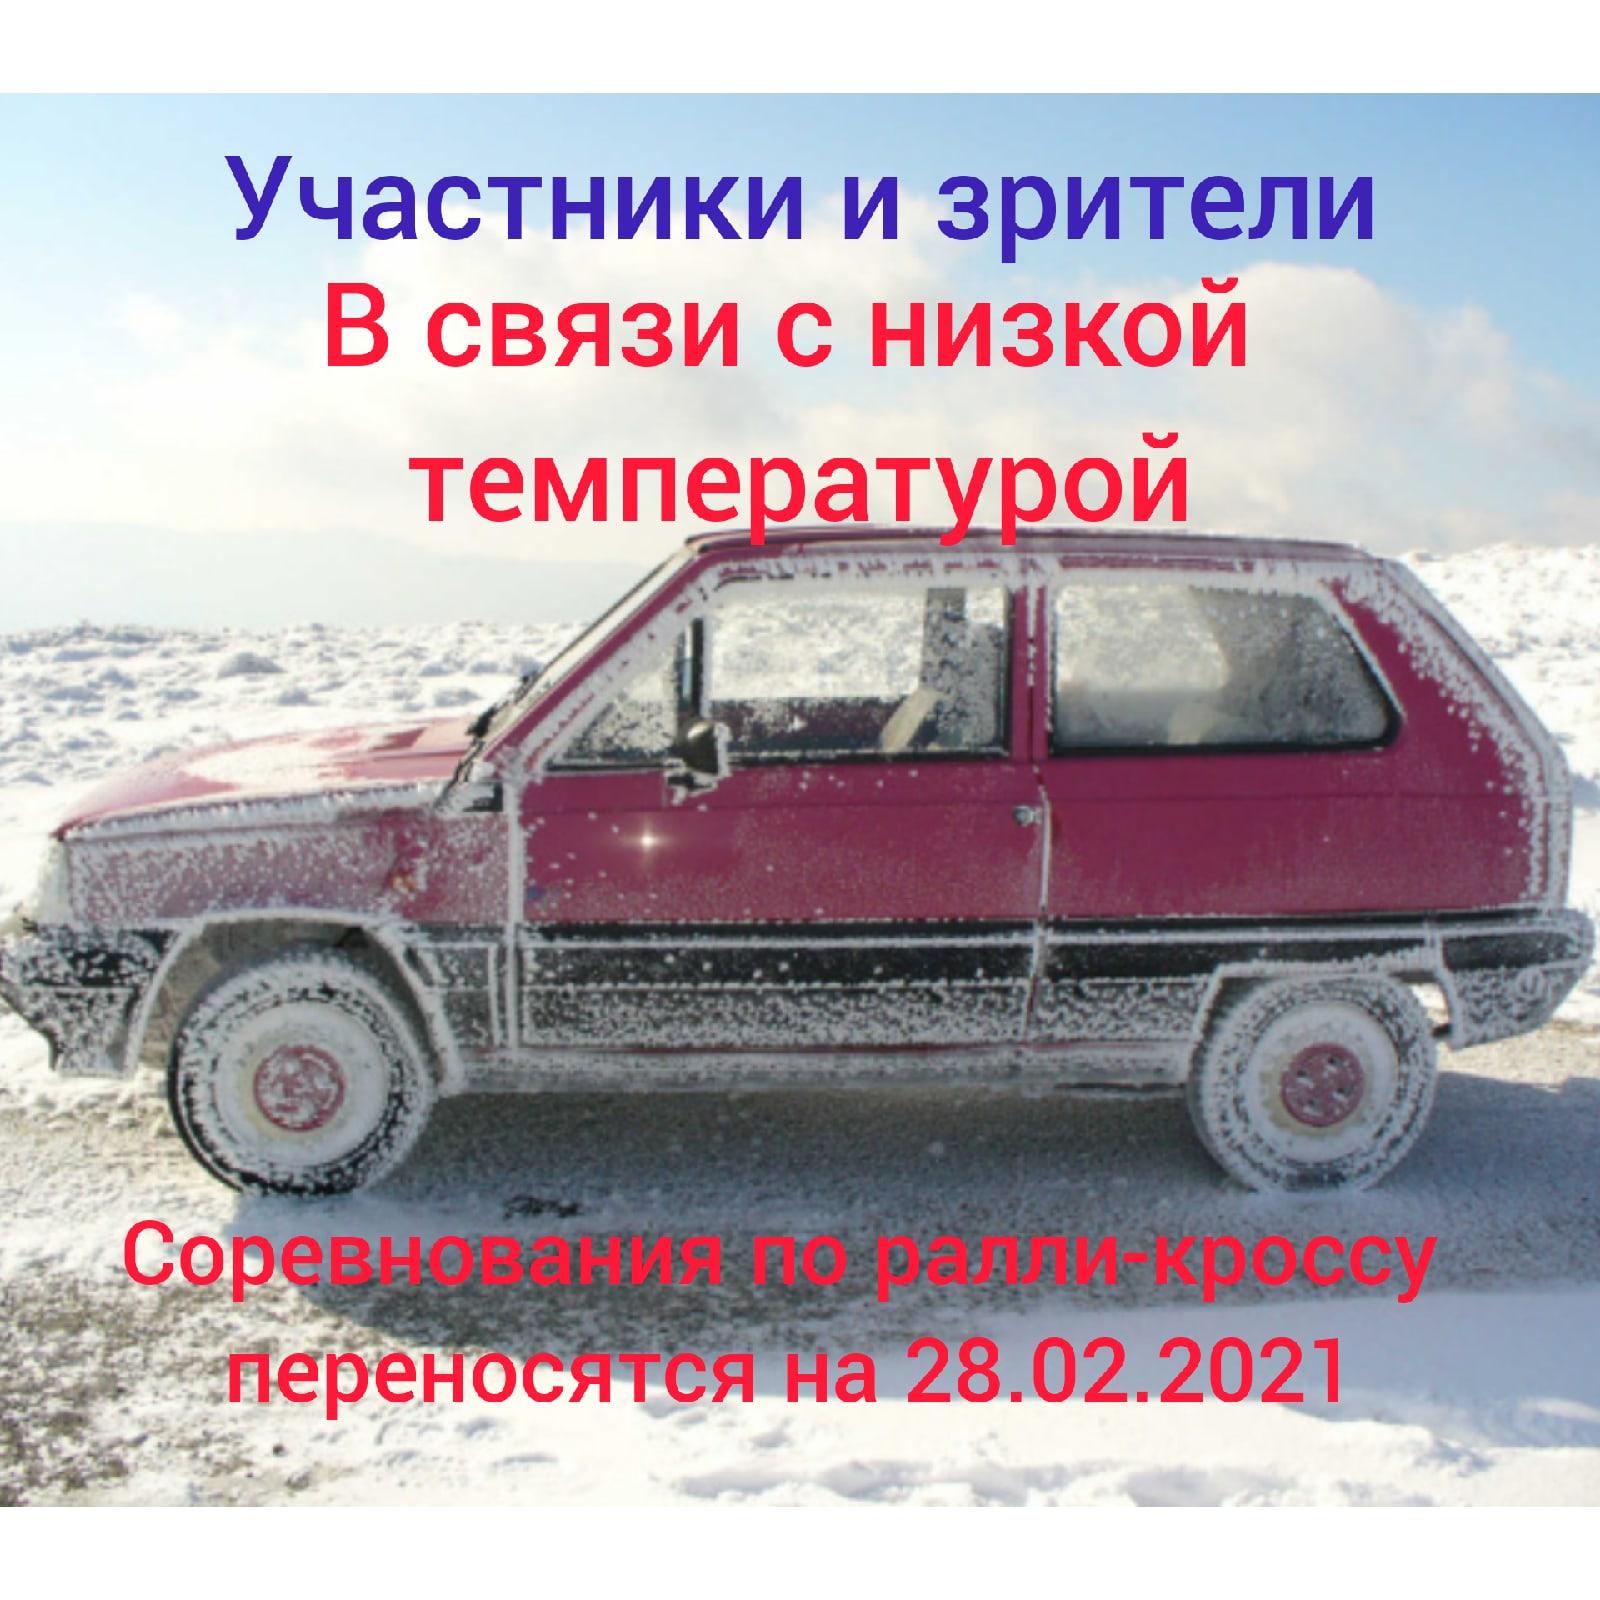 Открытый кубок Еманжелинского муниципального района по ралли-кроссу, посвященный 90-летию Еманжелинска